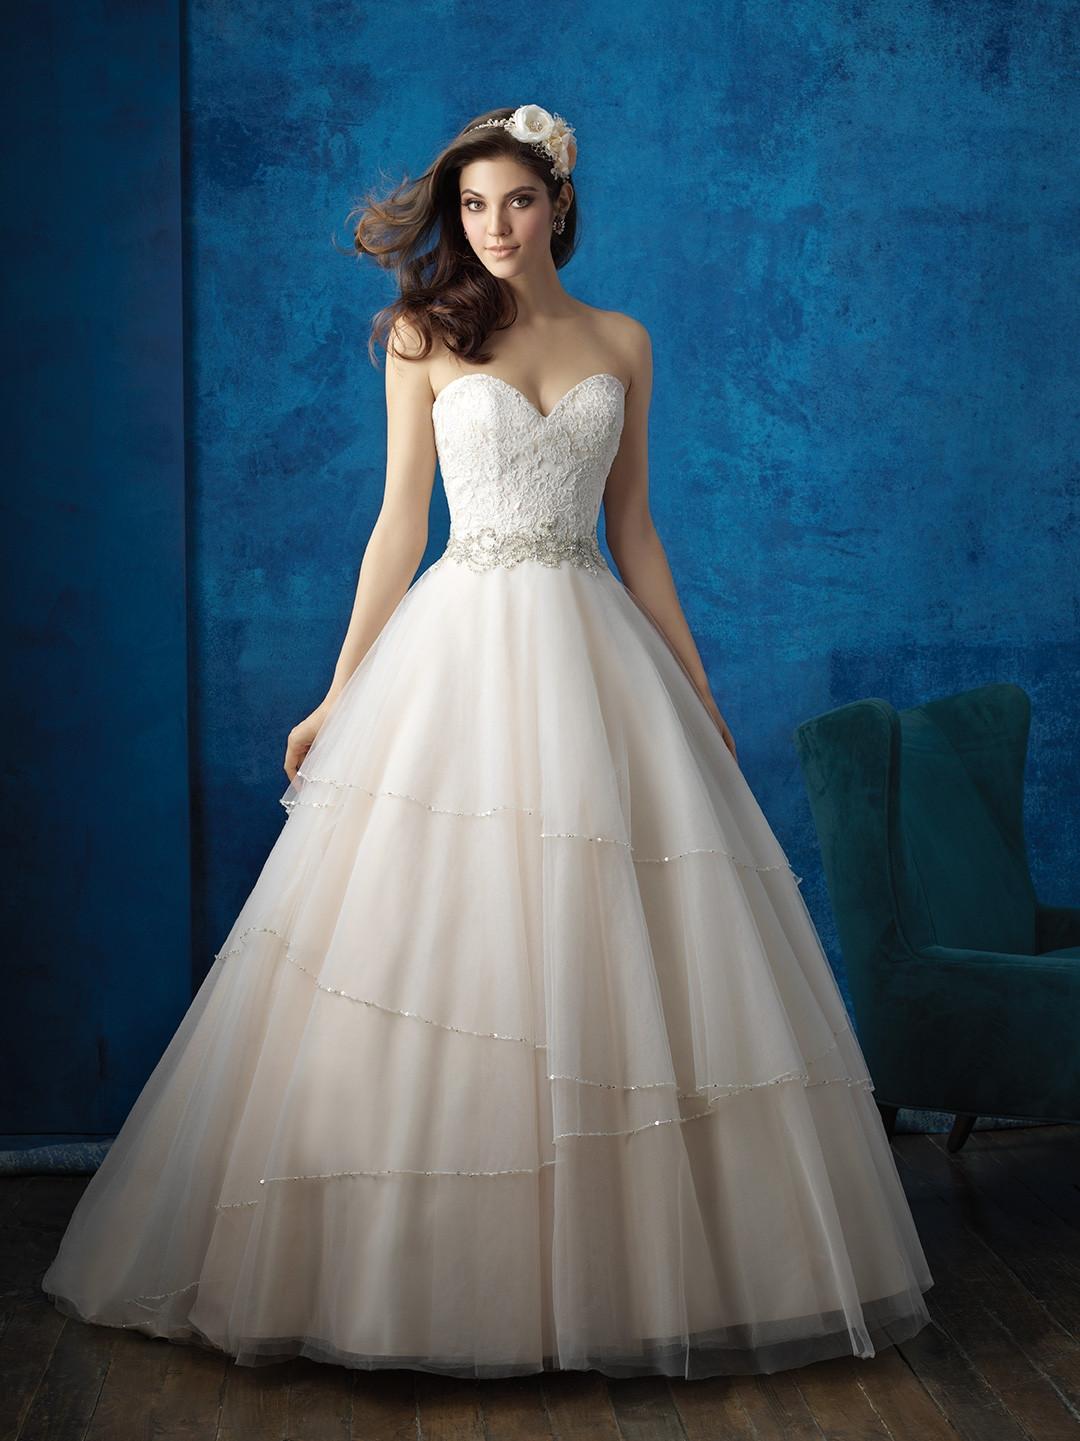 Wedding Dresses By Allure Bridals 9351 Weddingwire Ca